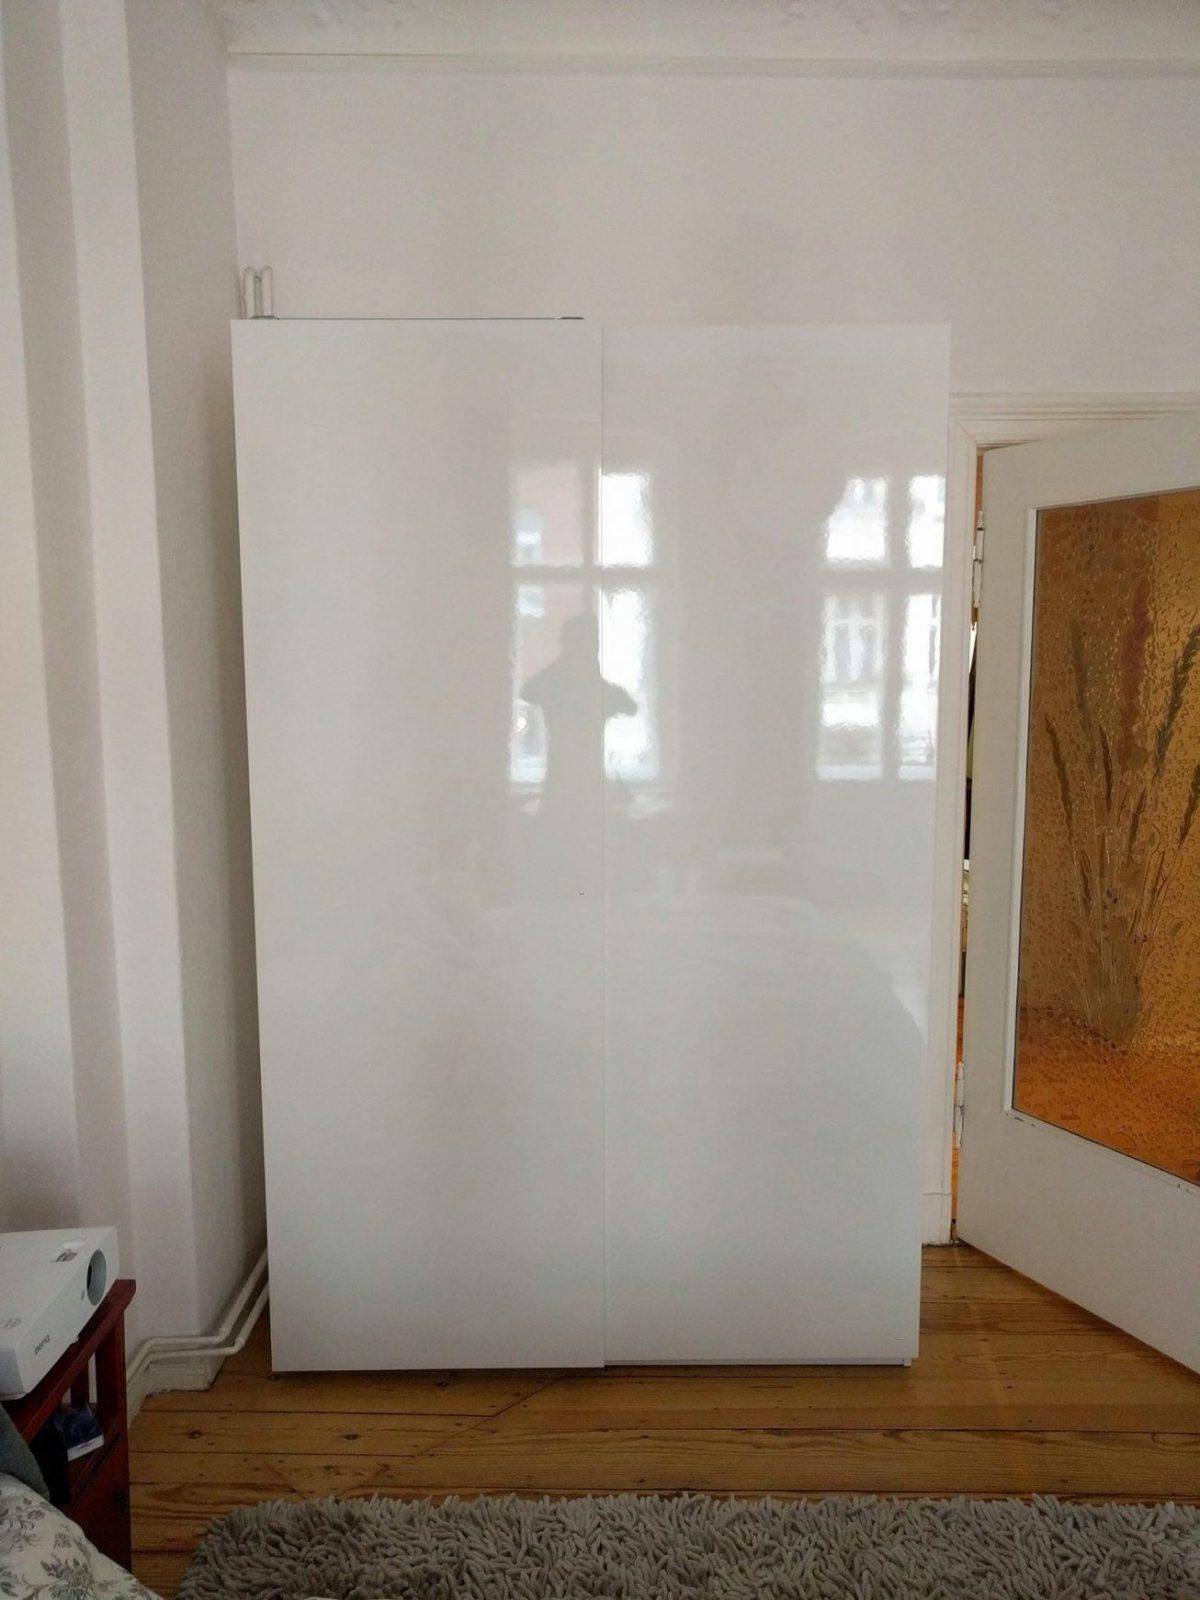 Astounding Kleiderschrank Hochglanz Weiß Schiebetüren Galerie Von Ikea Pax Mit Schiebetüren Hasvik Weiss Von